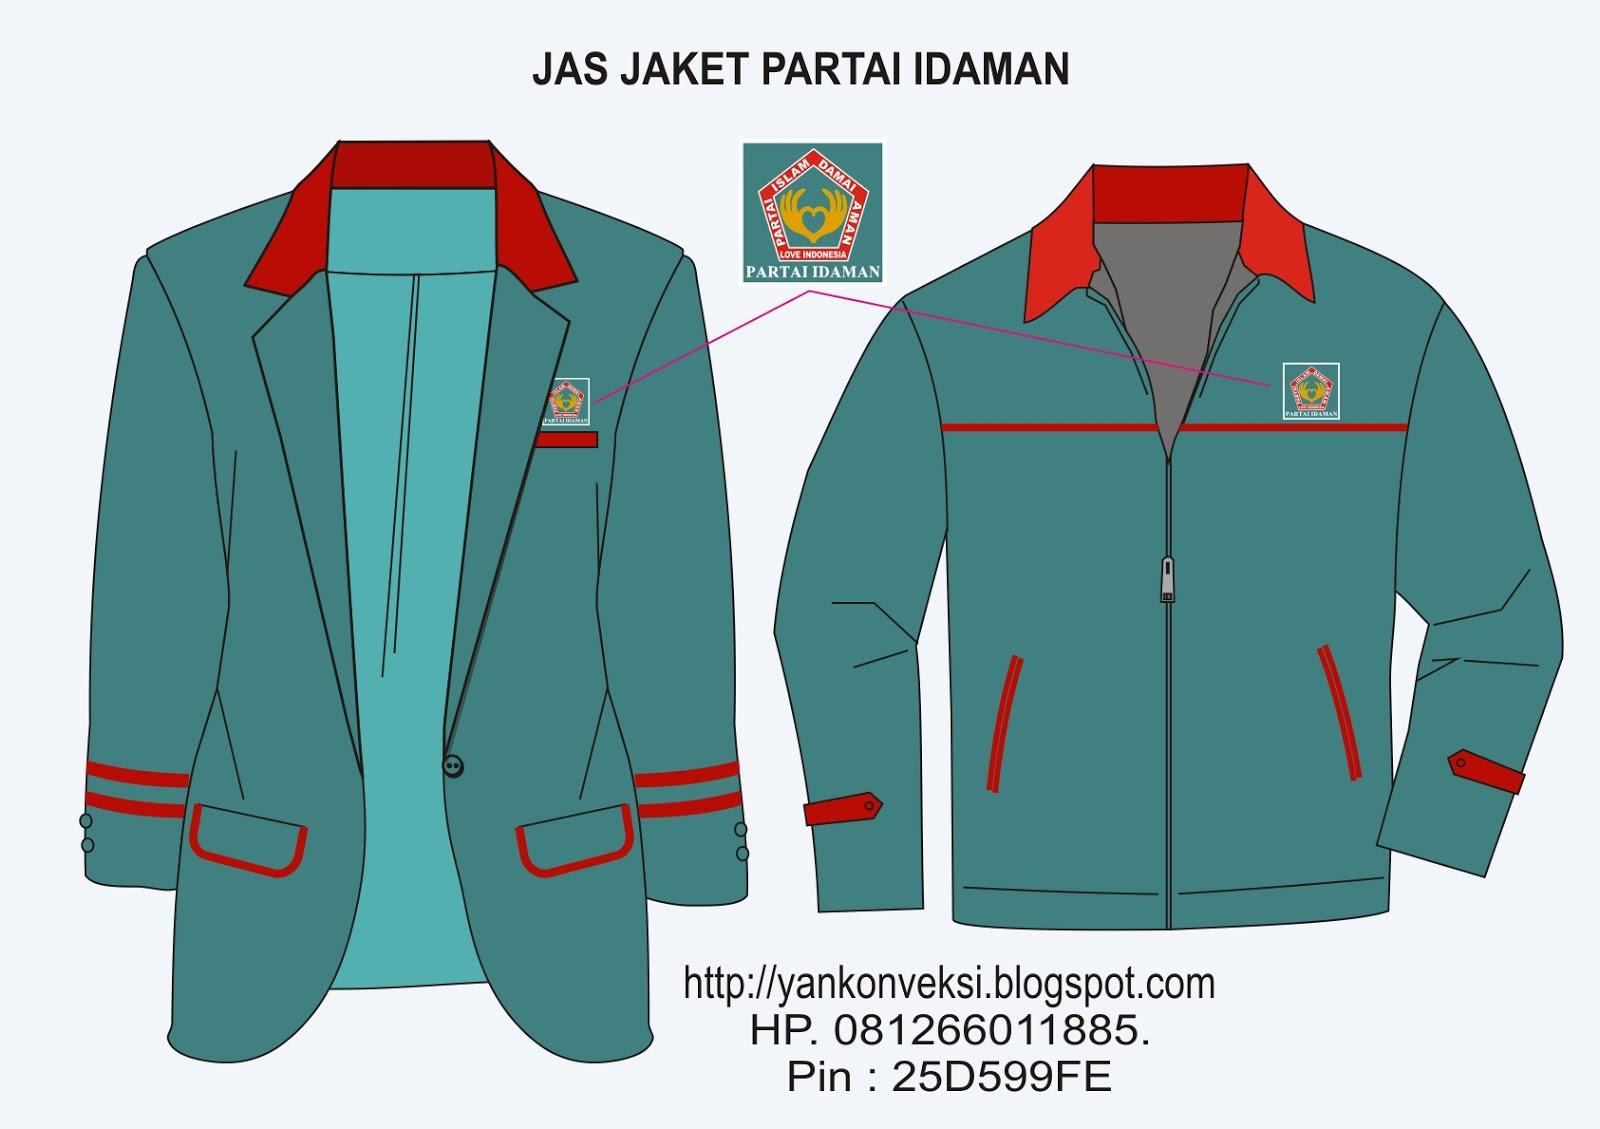 JAS JAKET PARTAI